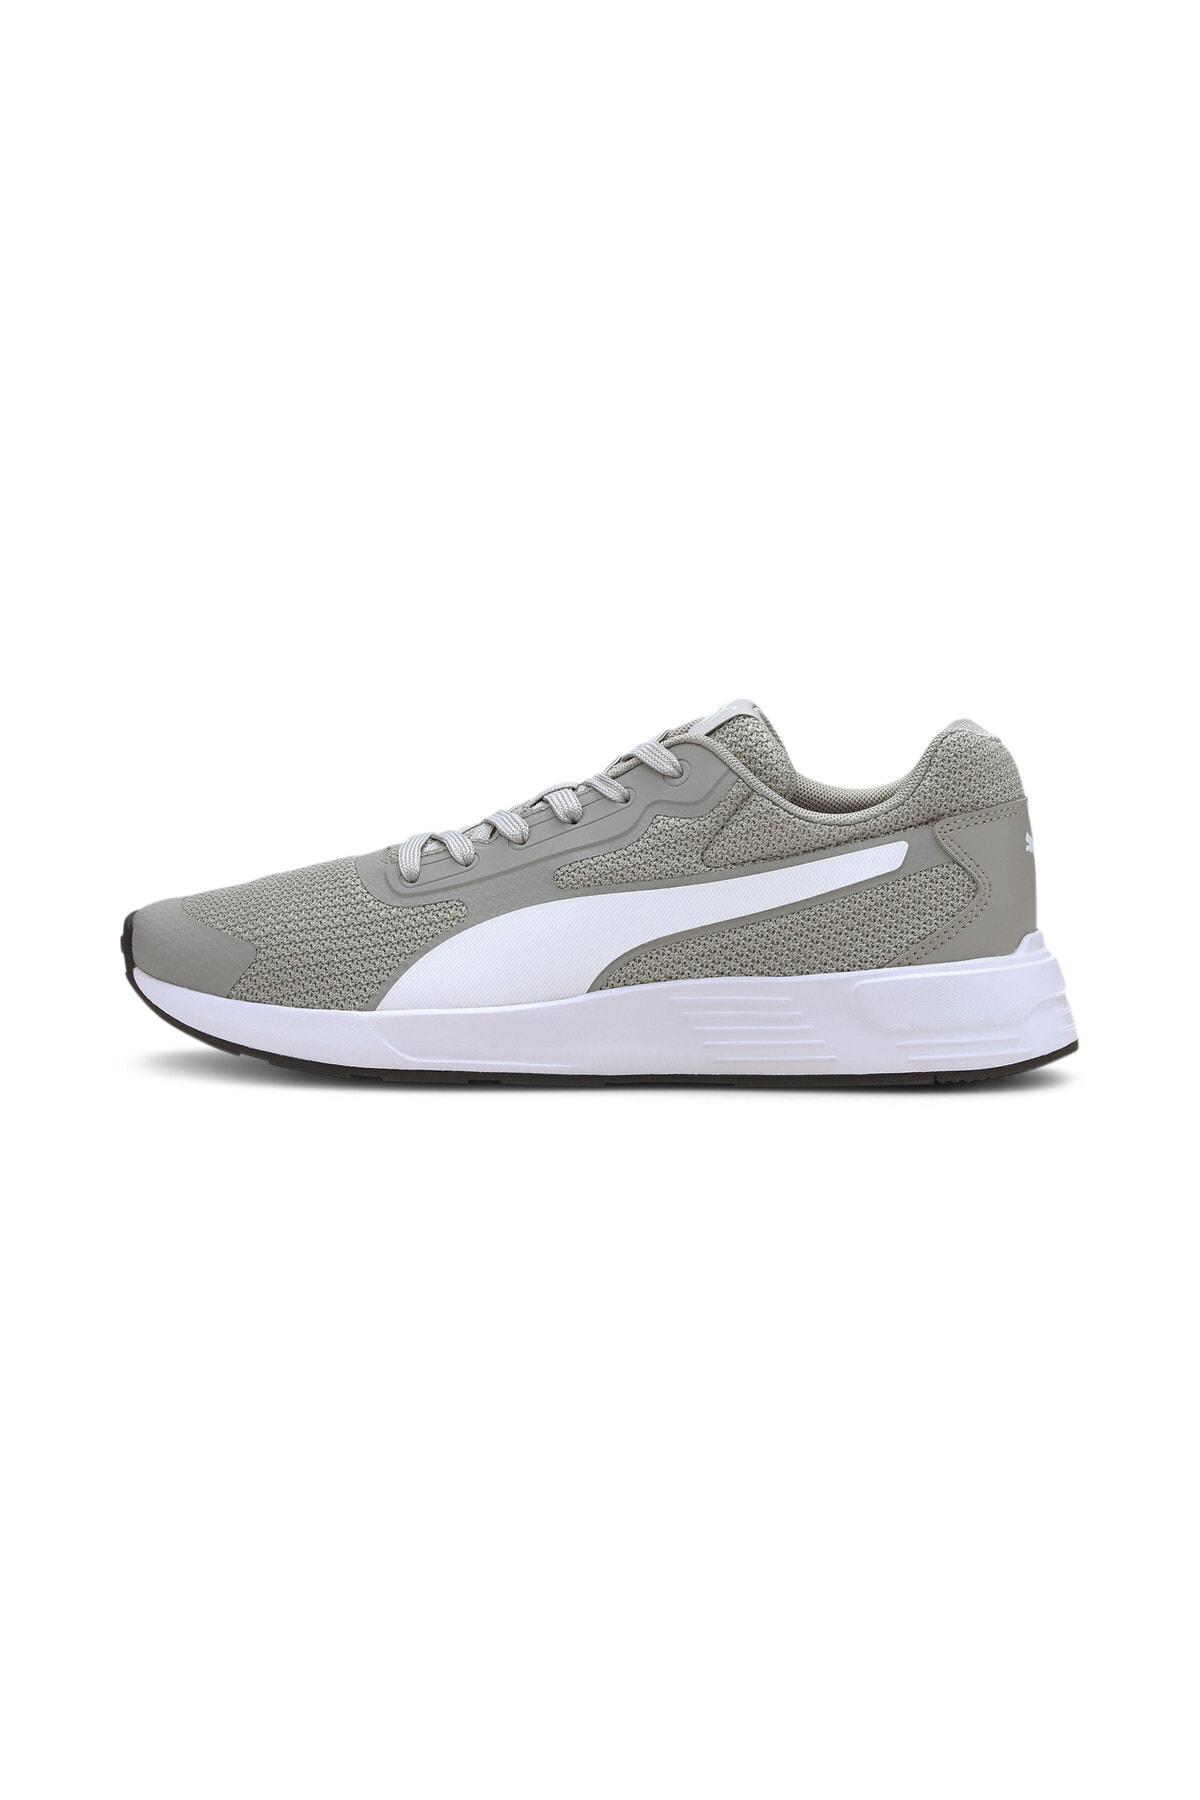 Puma TAPER Gri Erkek Koşu Ayakkabısı 100656439 0